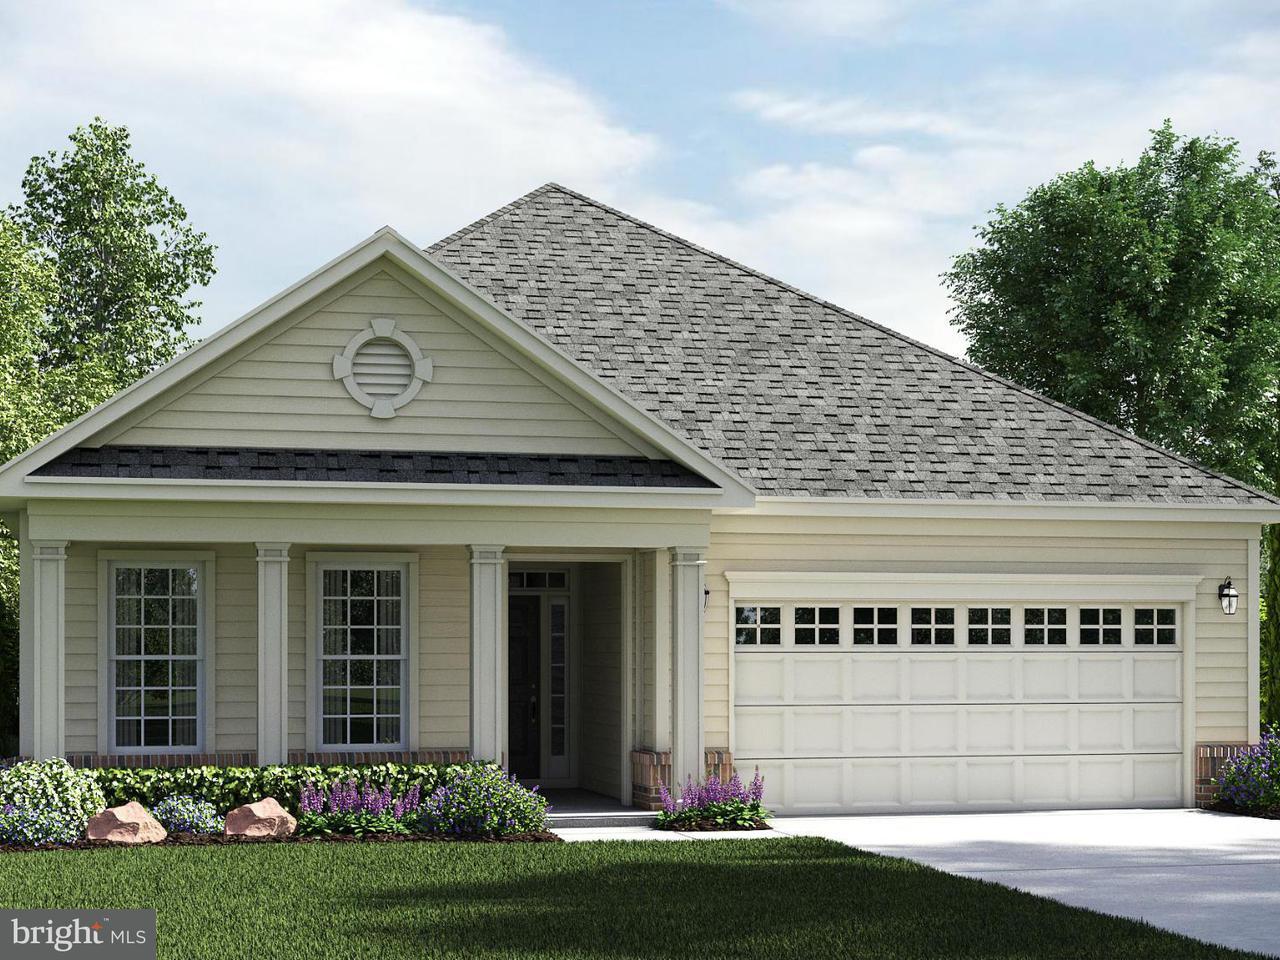 獨棟家庭住宅 為 出售 在 6015 DriveEWYS BLUFF Drive 6015 DriveEWYS BLUFF Drive Fredericksburg, 弗吉尼亞州 22407 美國